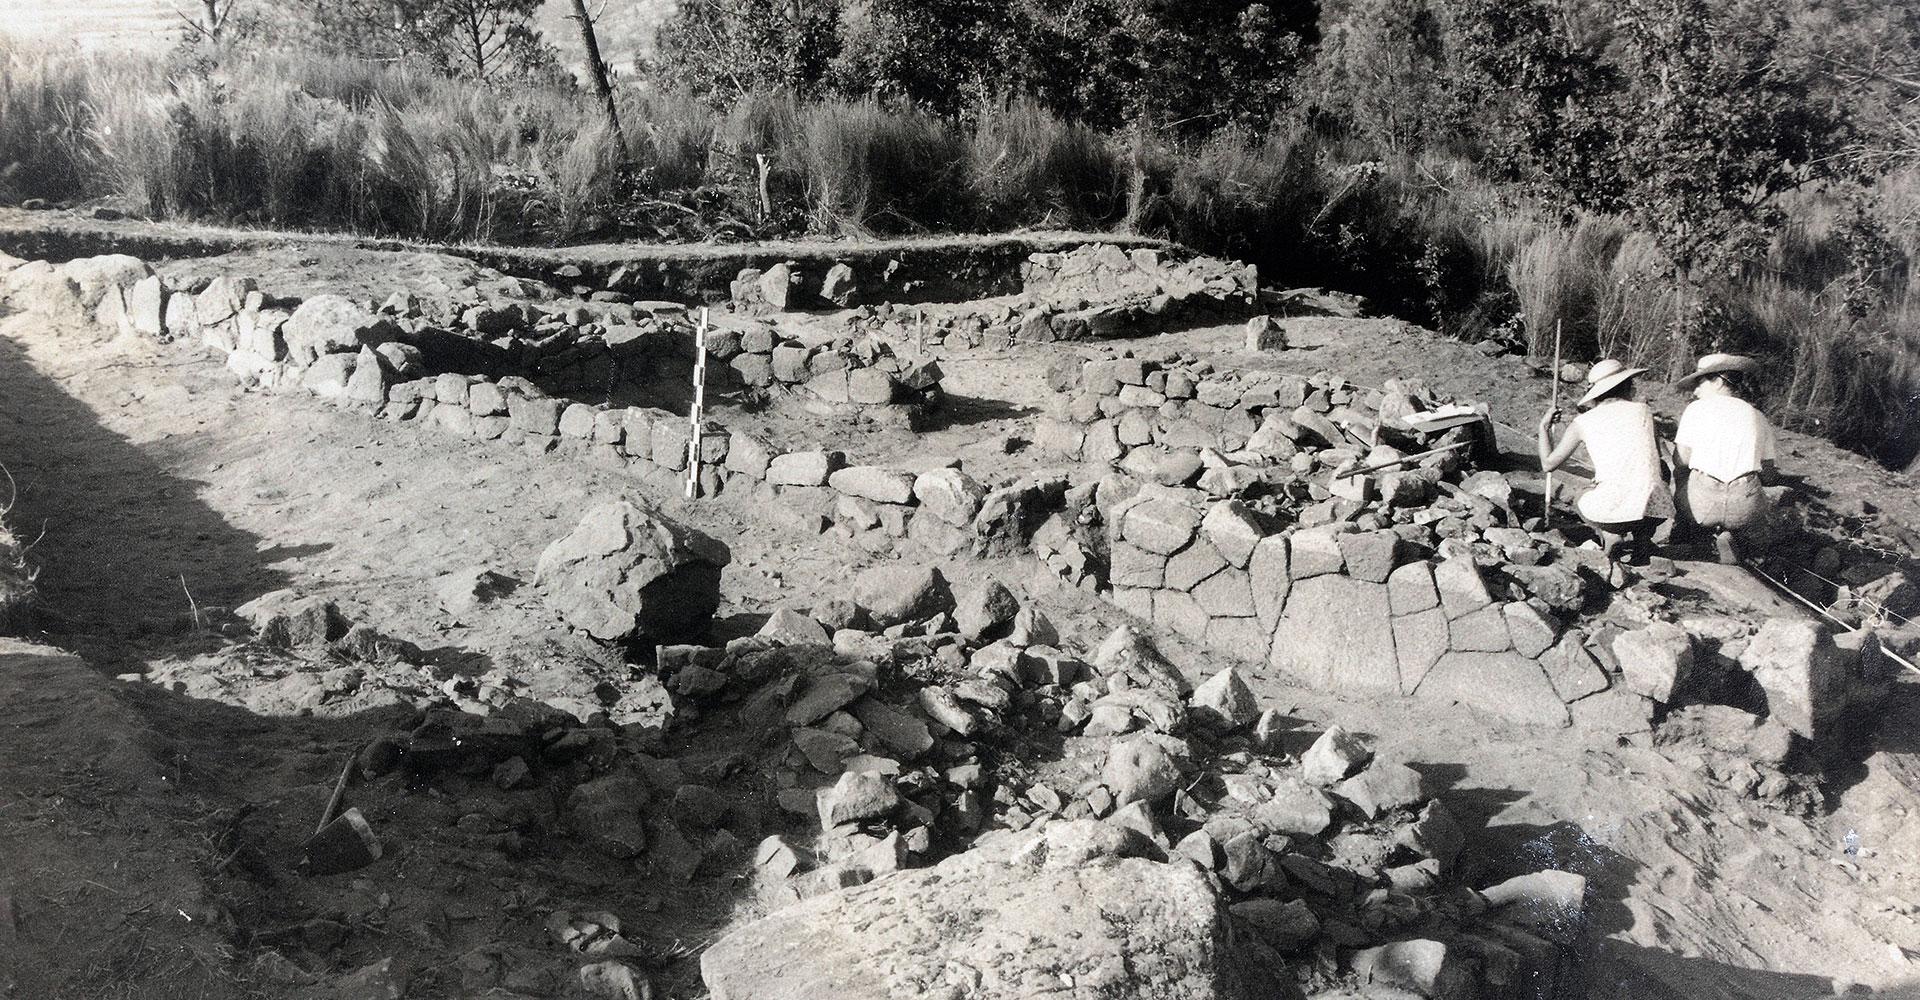 Campo Arqueológico da Serra da Aboboreira